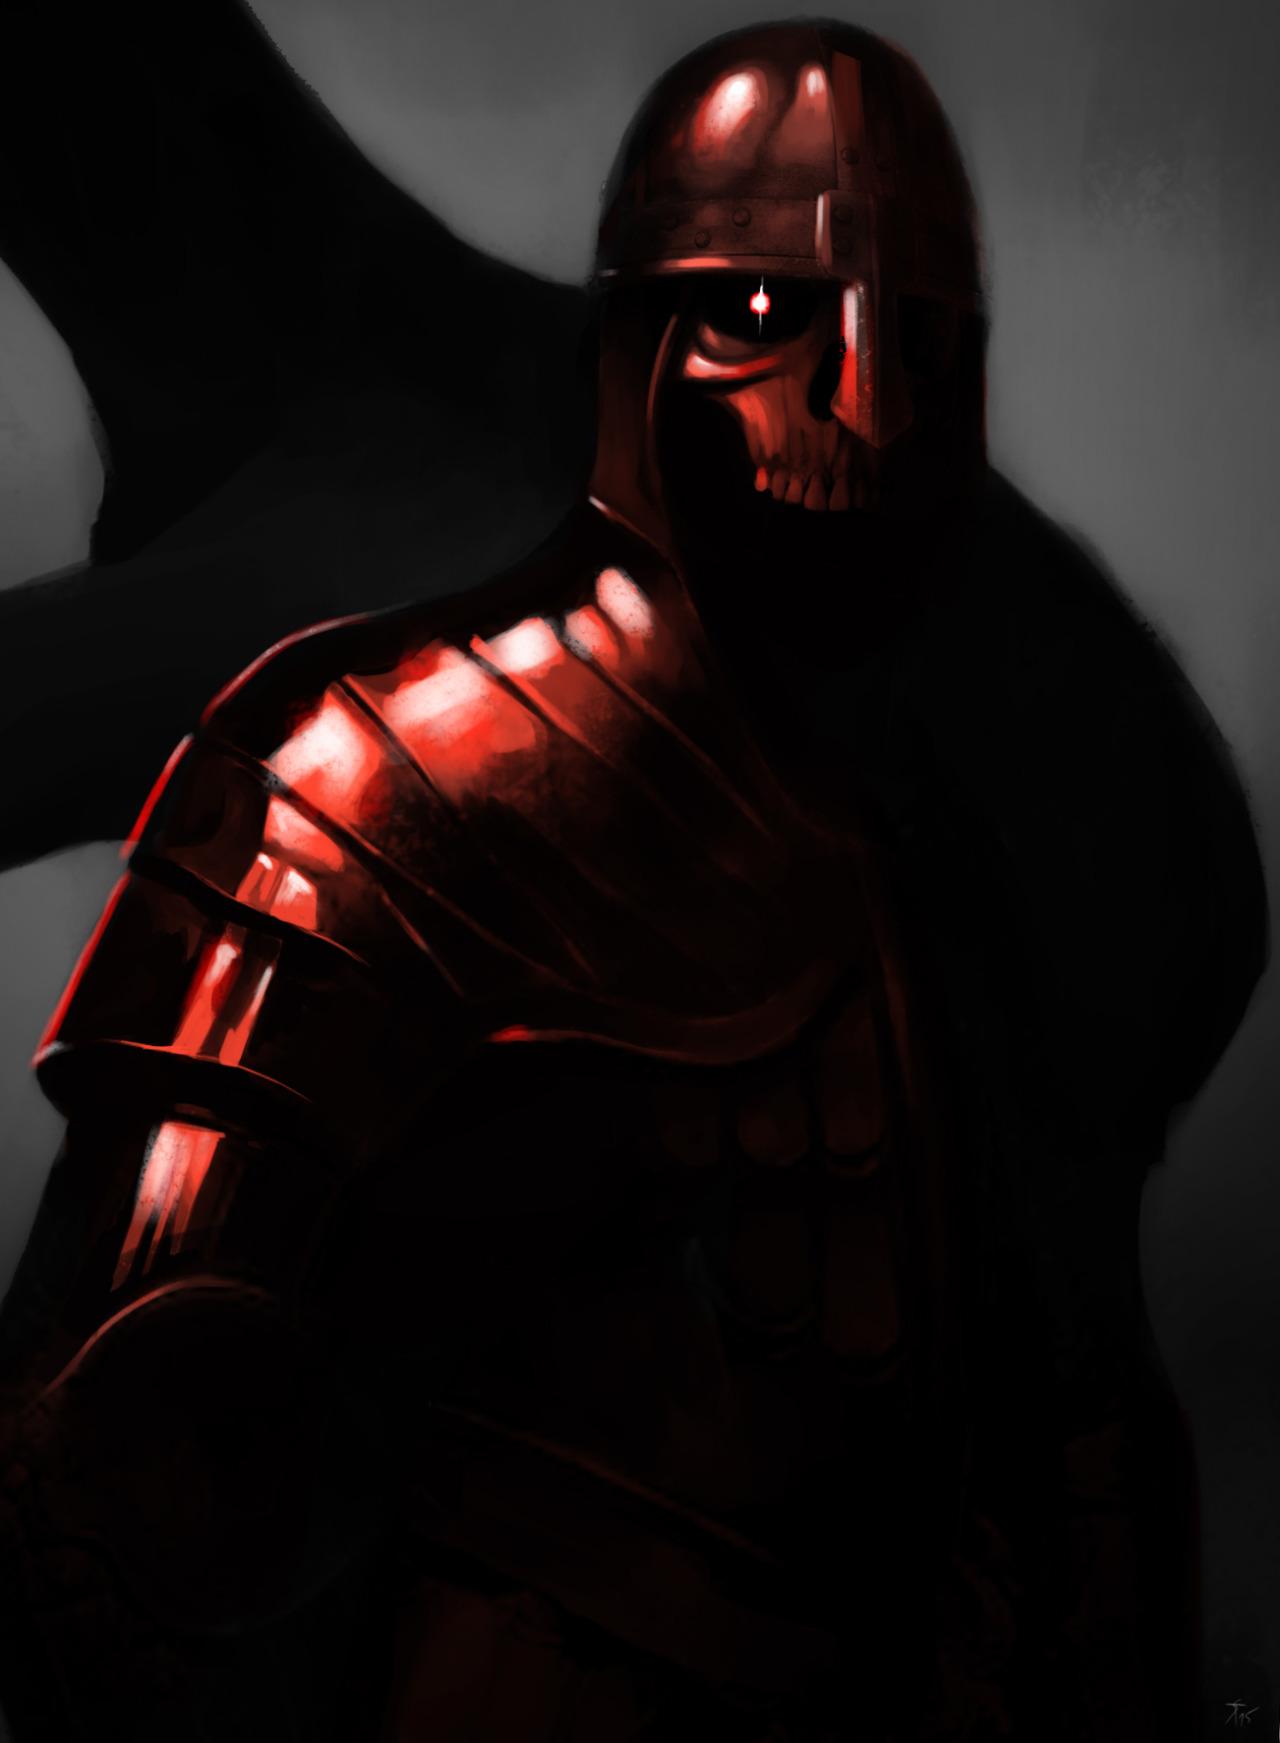 """the-murdellicious #29: """"Death Knight"""" - by Tuomas Salmela themurling.tumblr.com (2015) © dell'autore tutti i diritti riservati"""